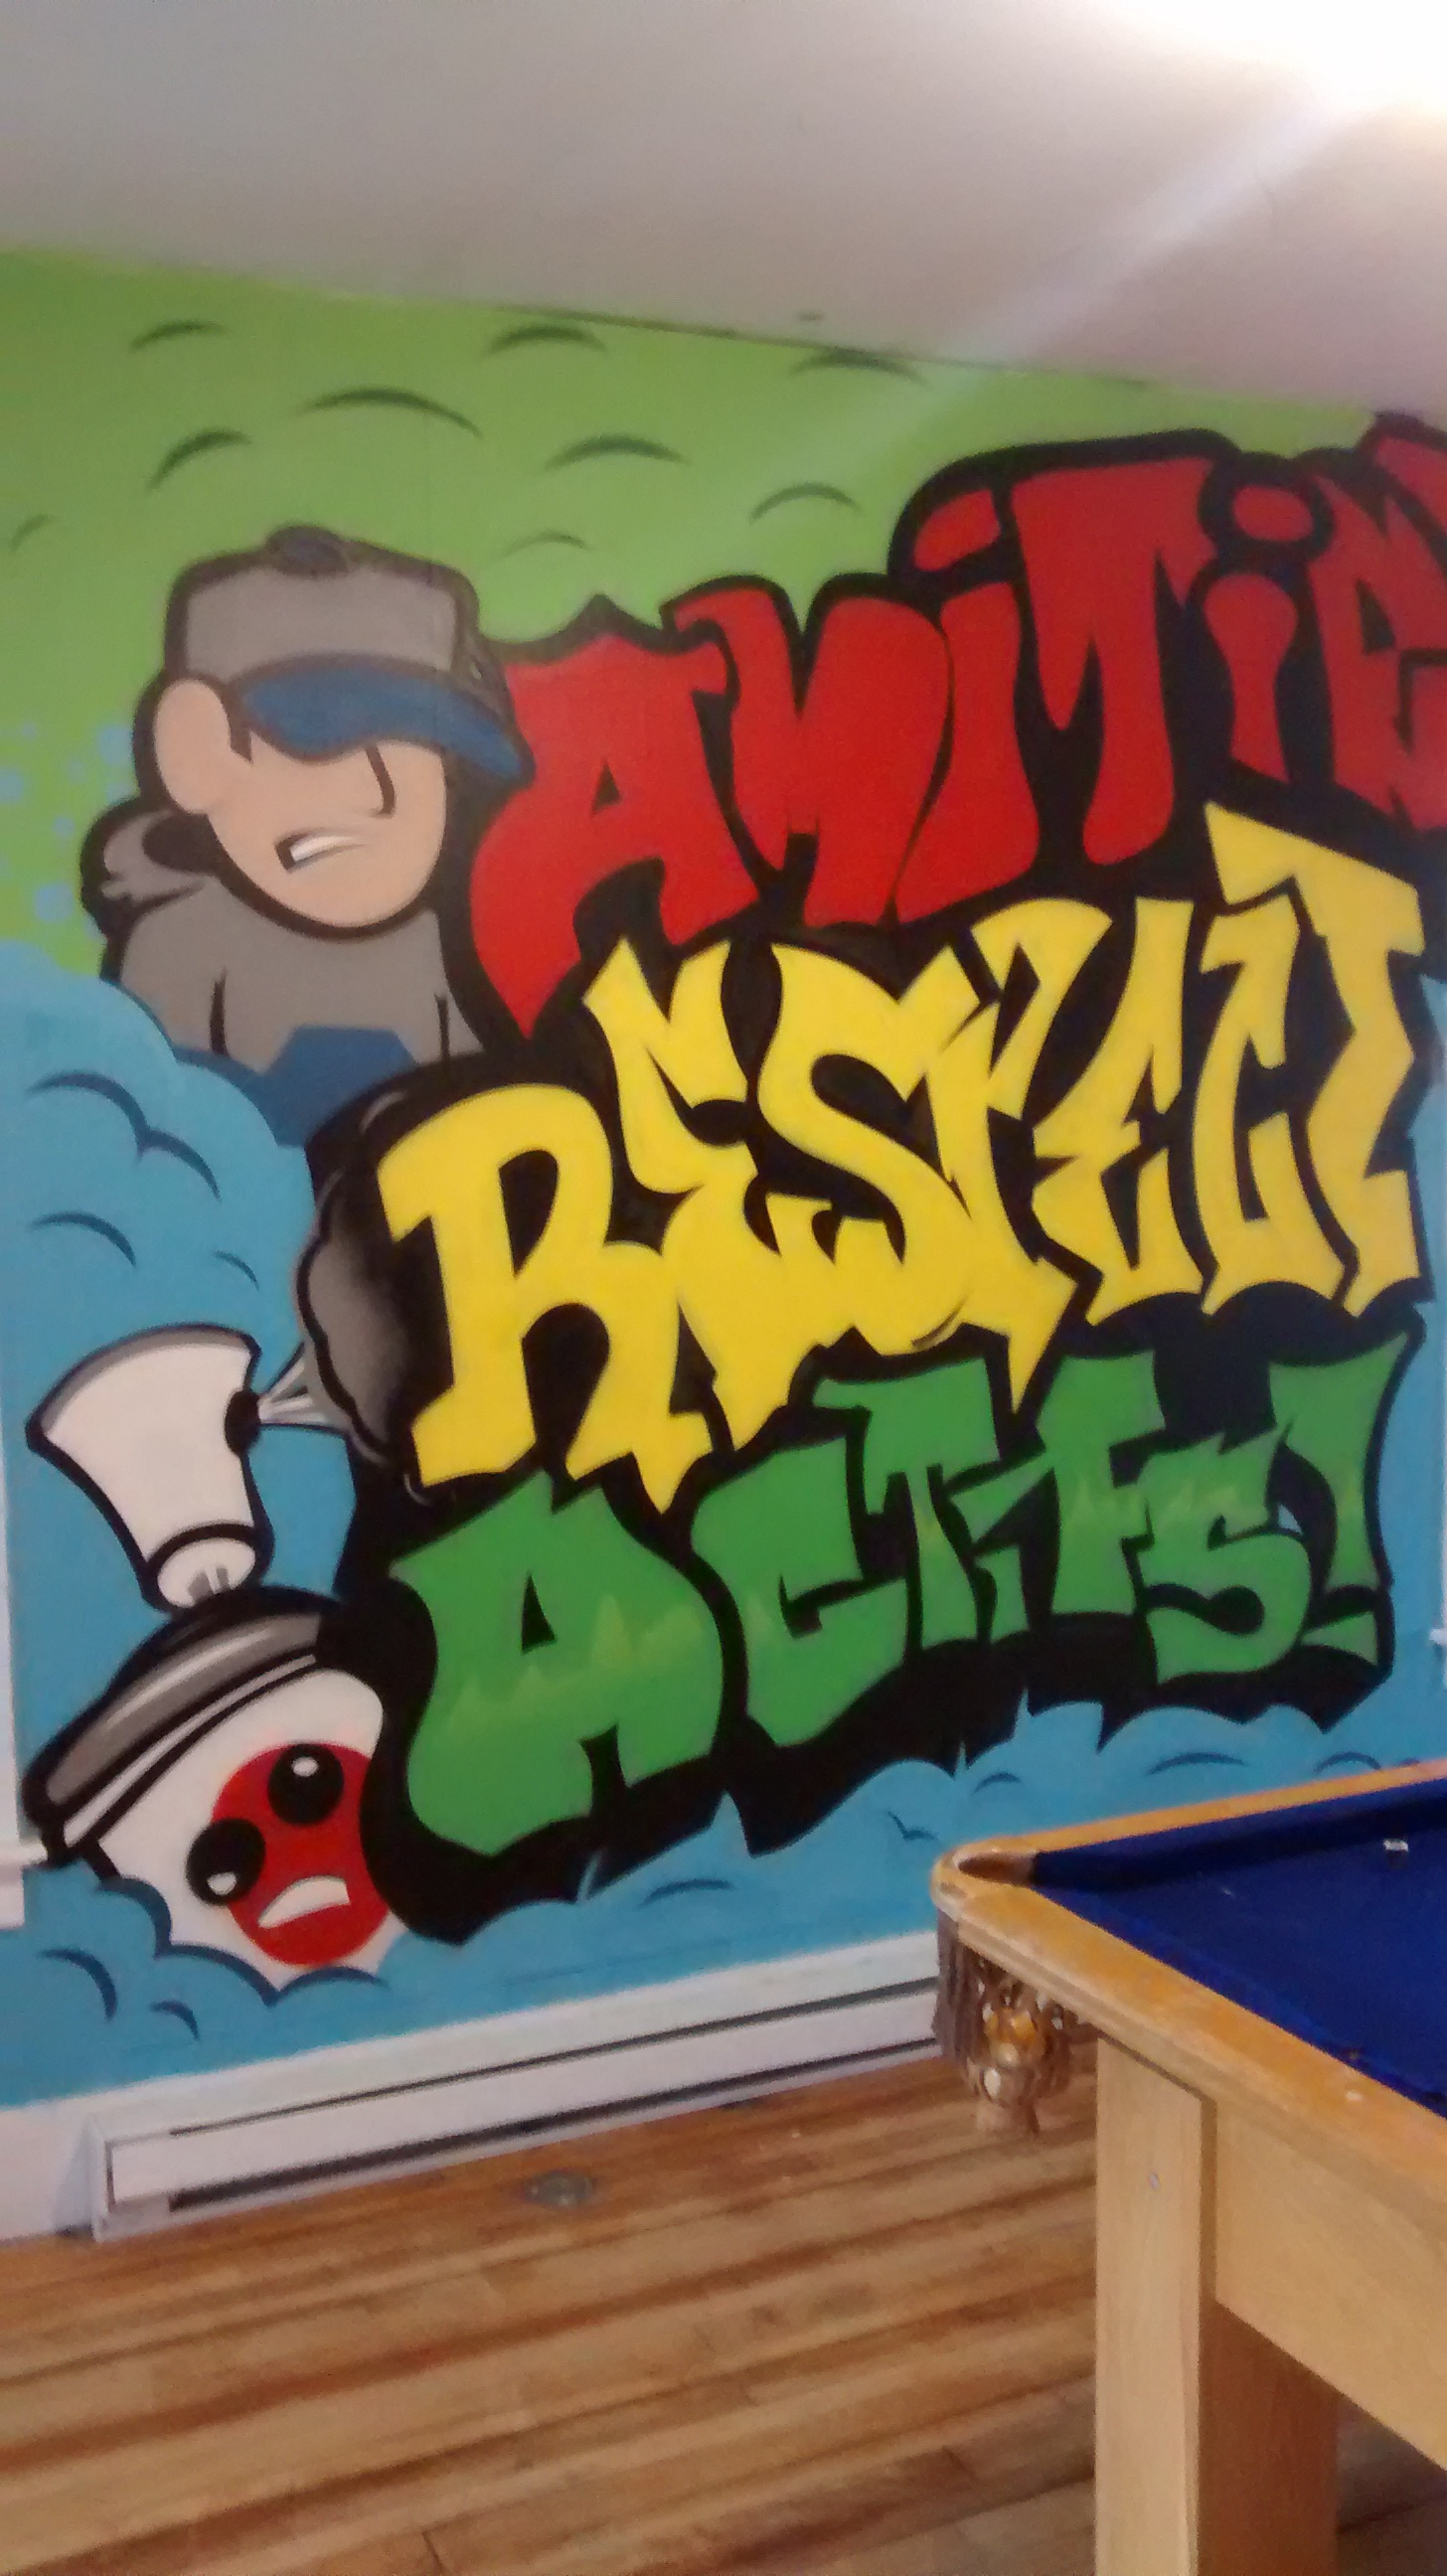 Les graffitis de la maison des jeunes de waterville